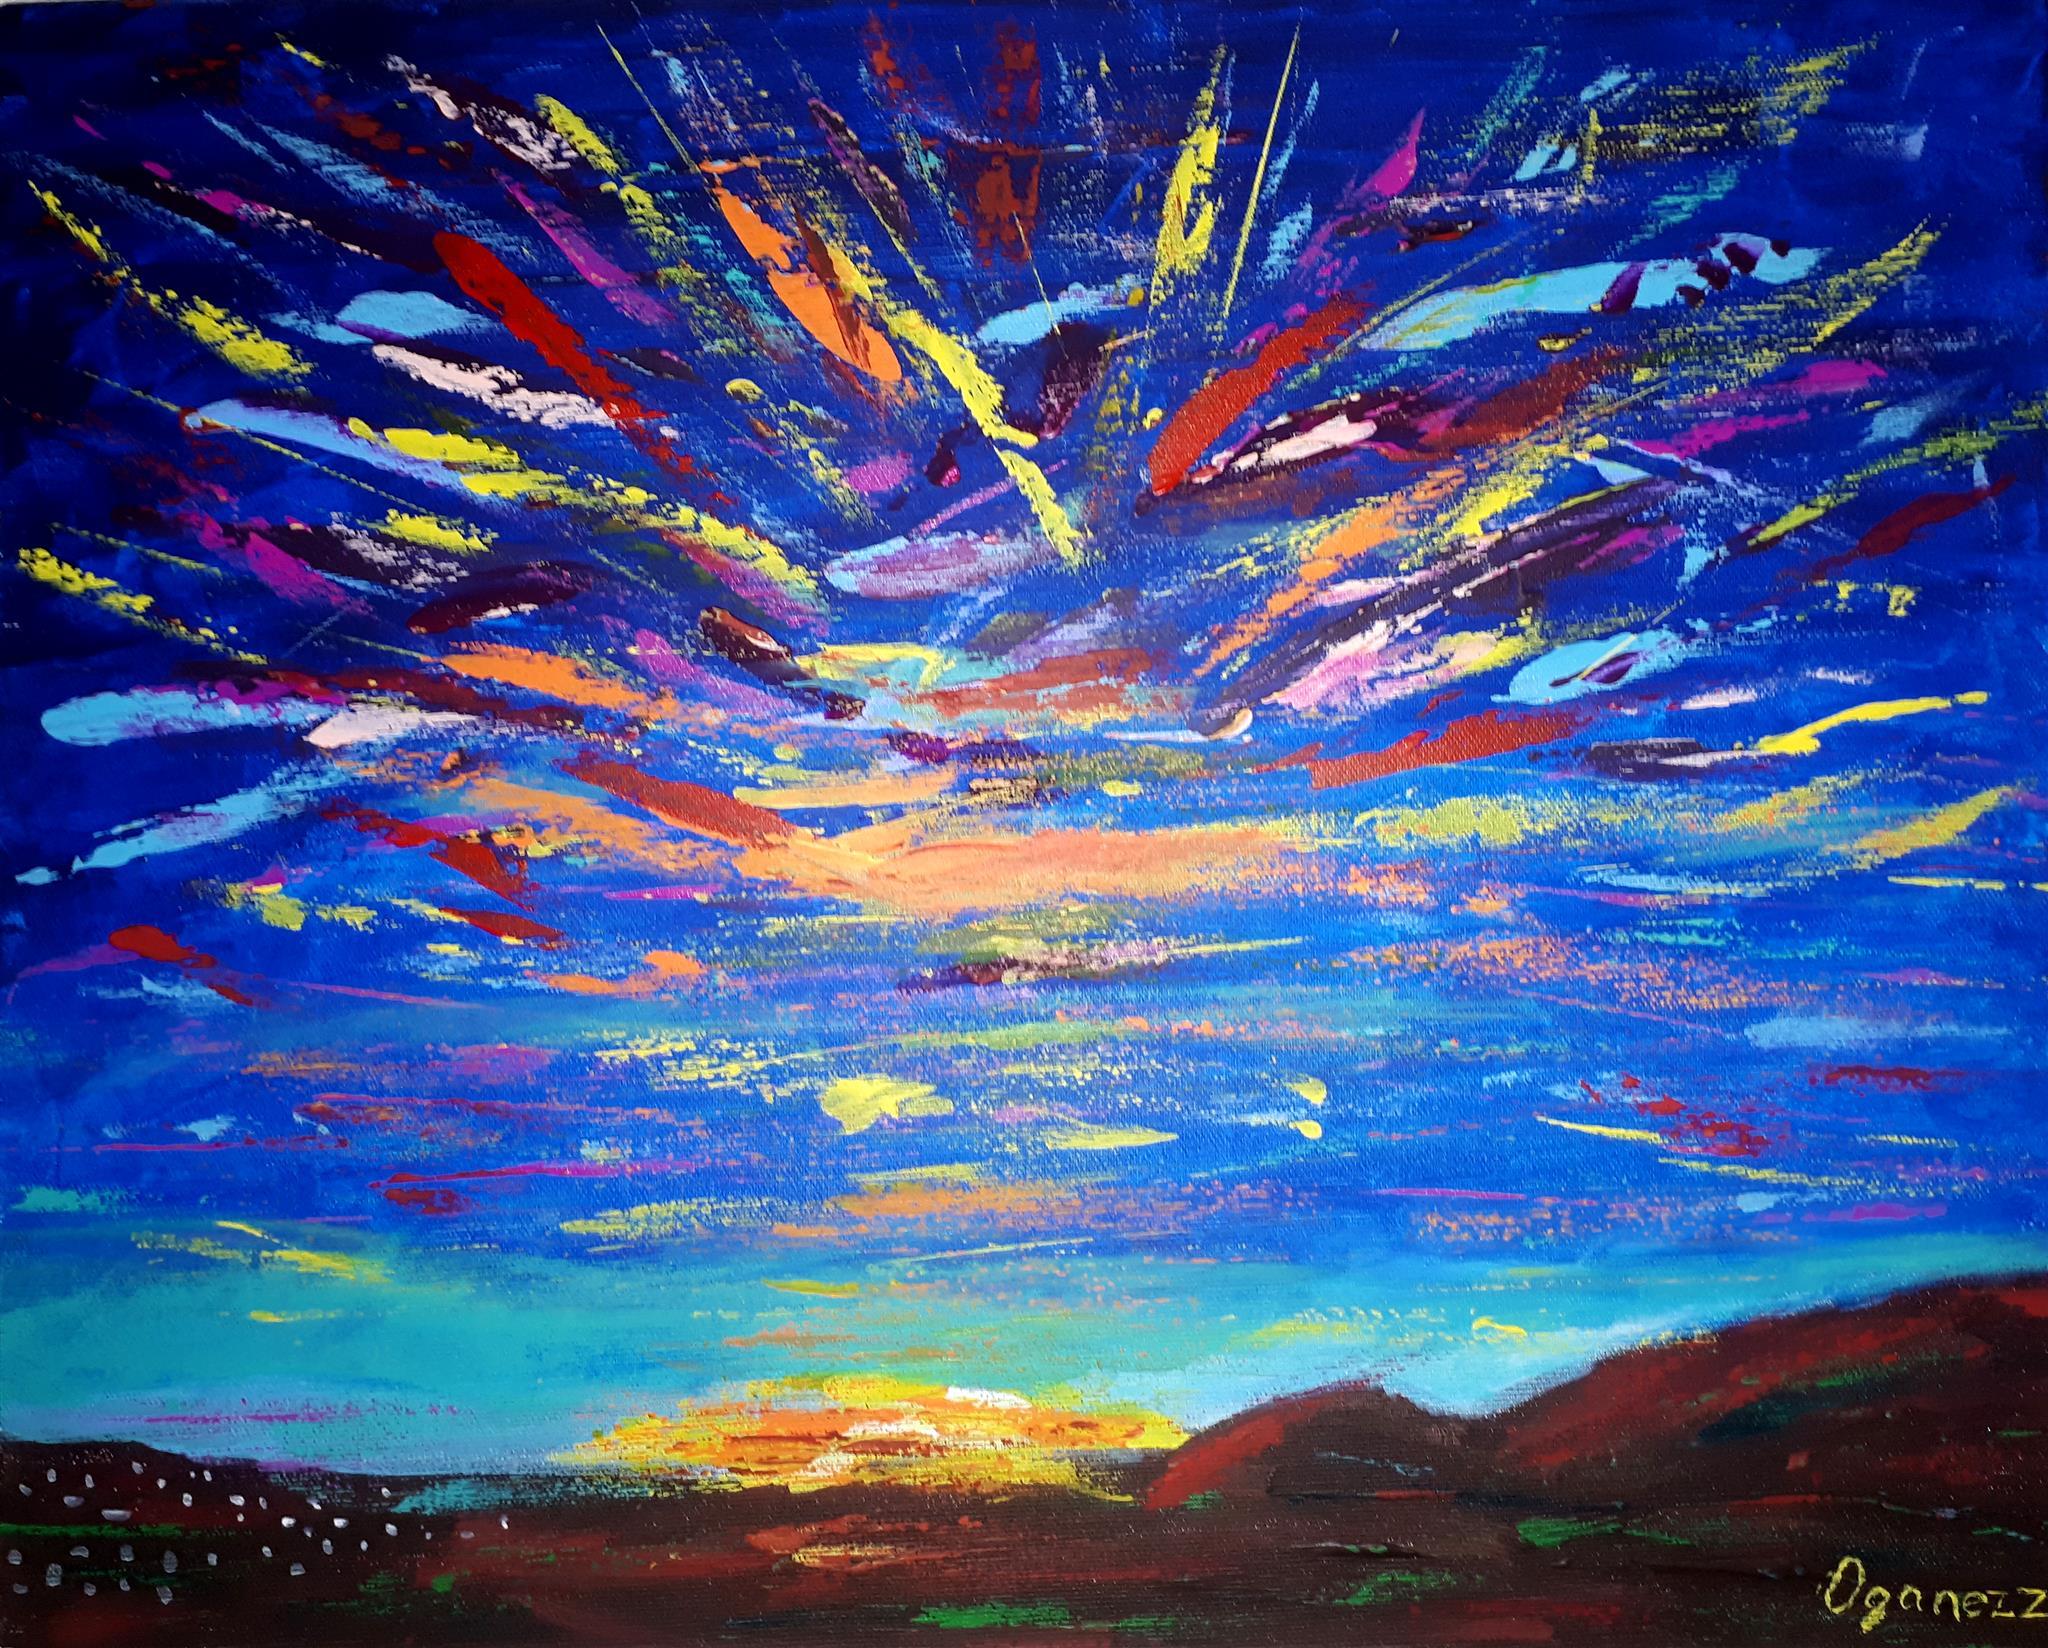 b86926628a Morning – KRISTINA OGANEZOVA ART